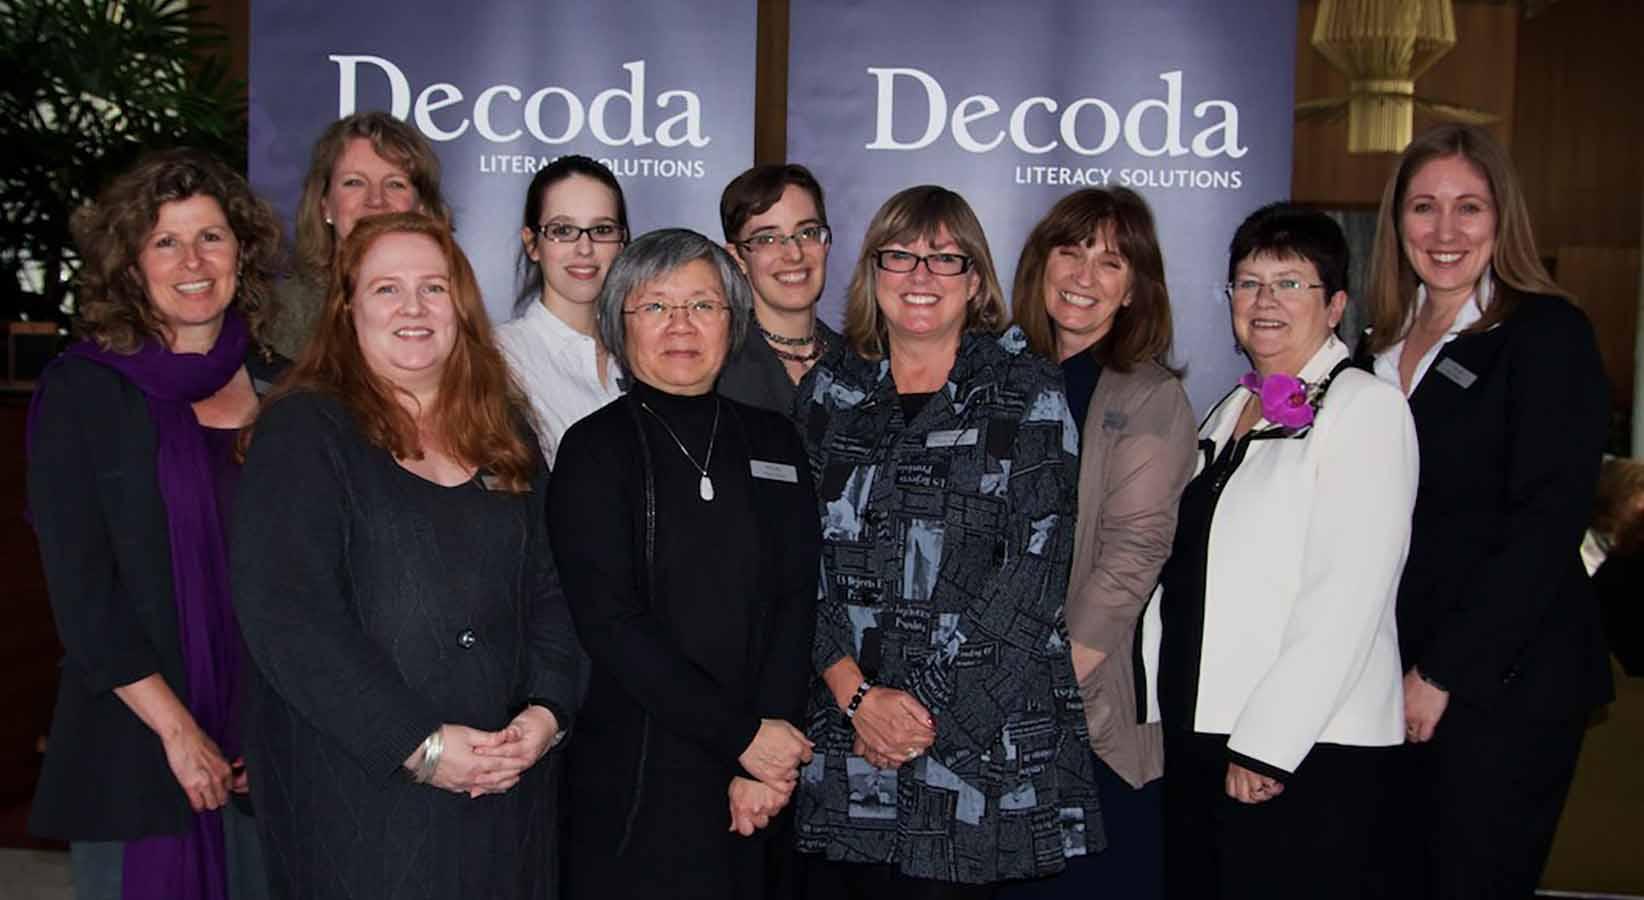 Ten women standing in front of a Decoda sign